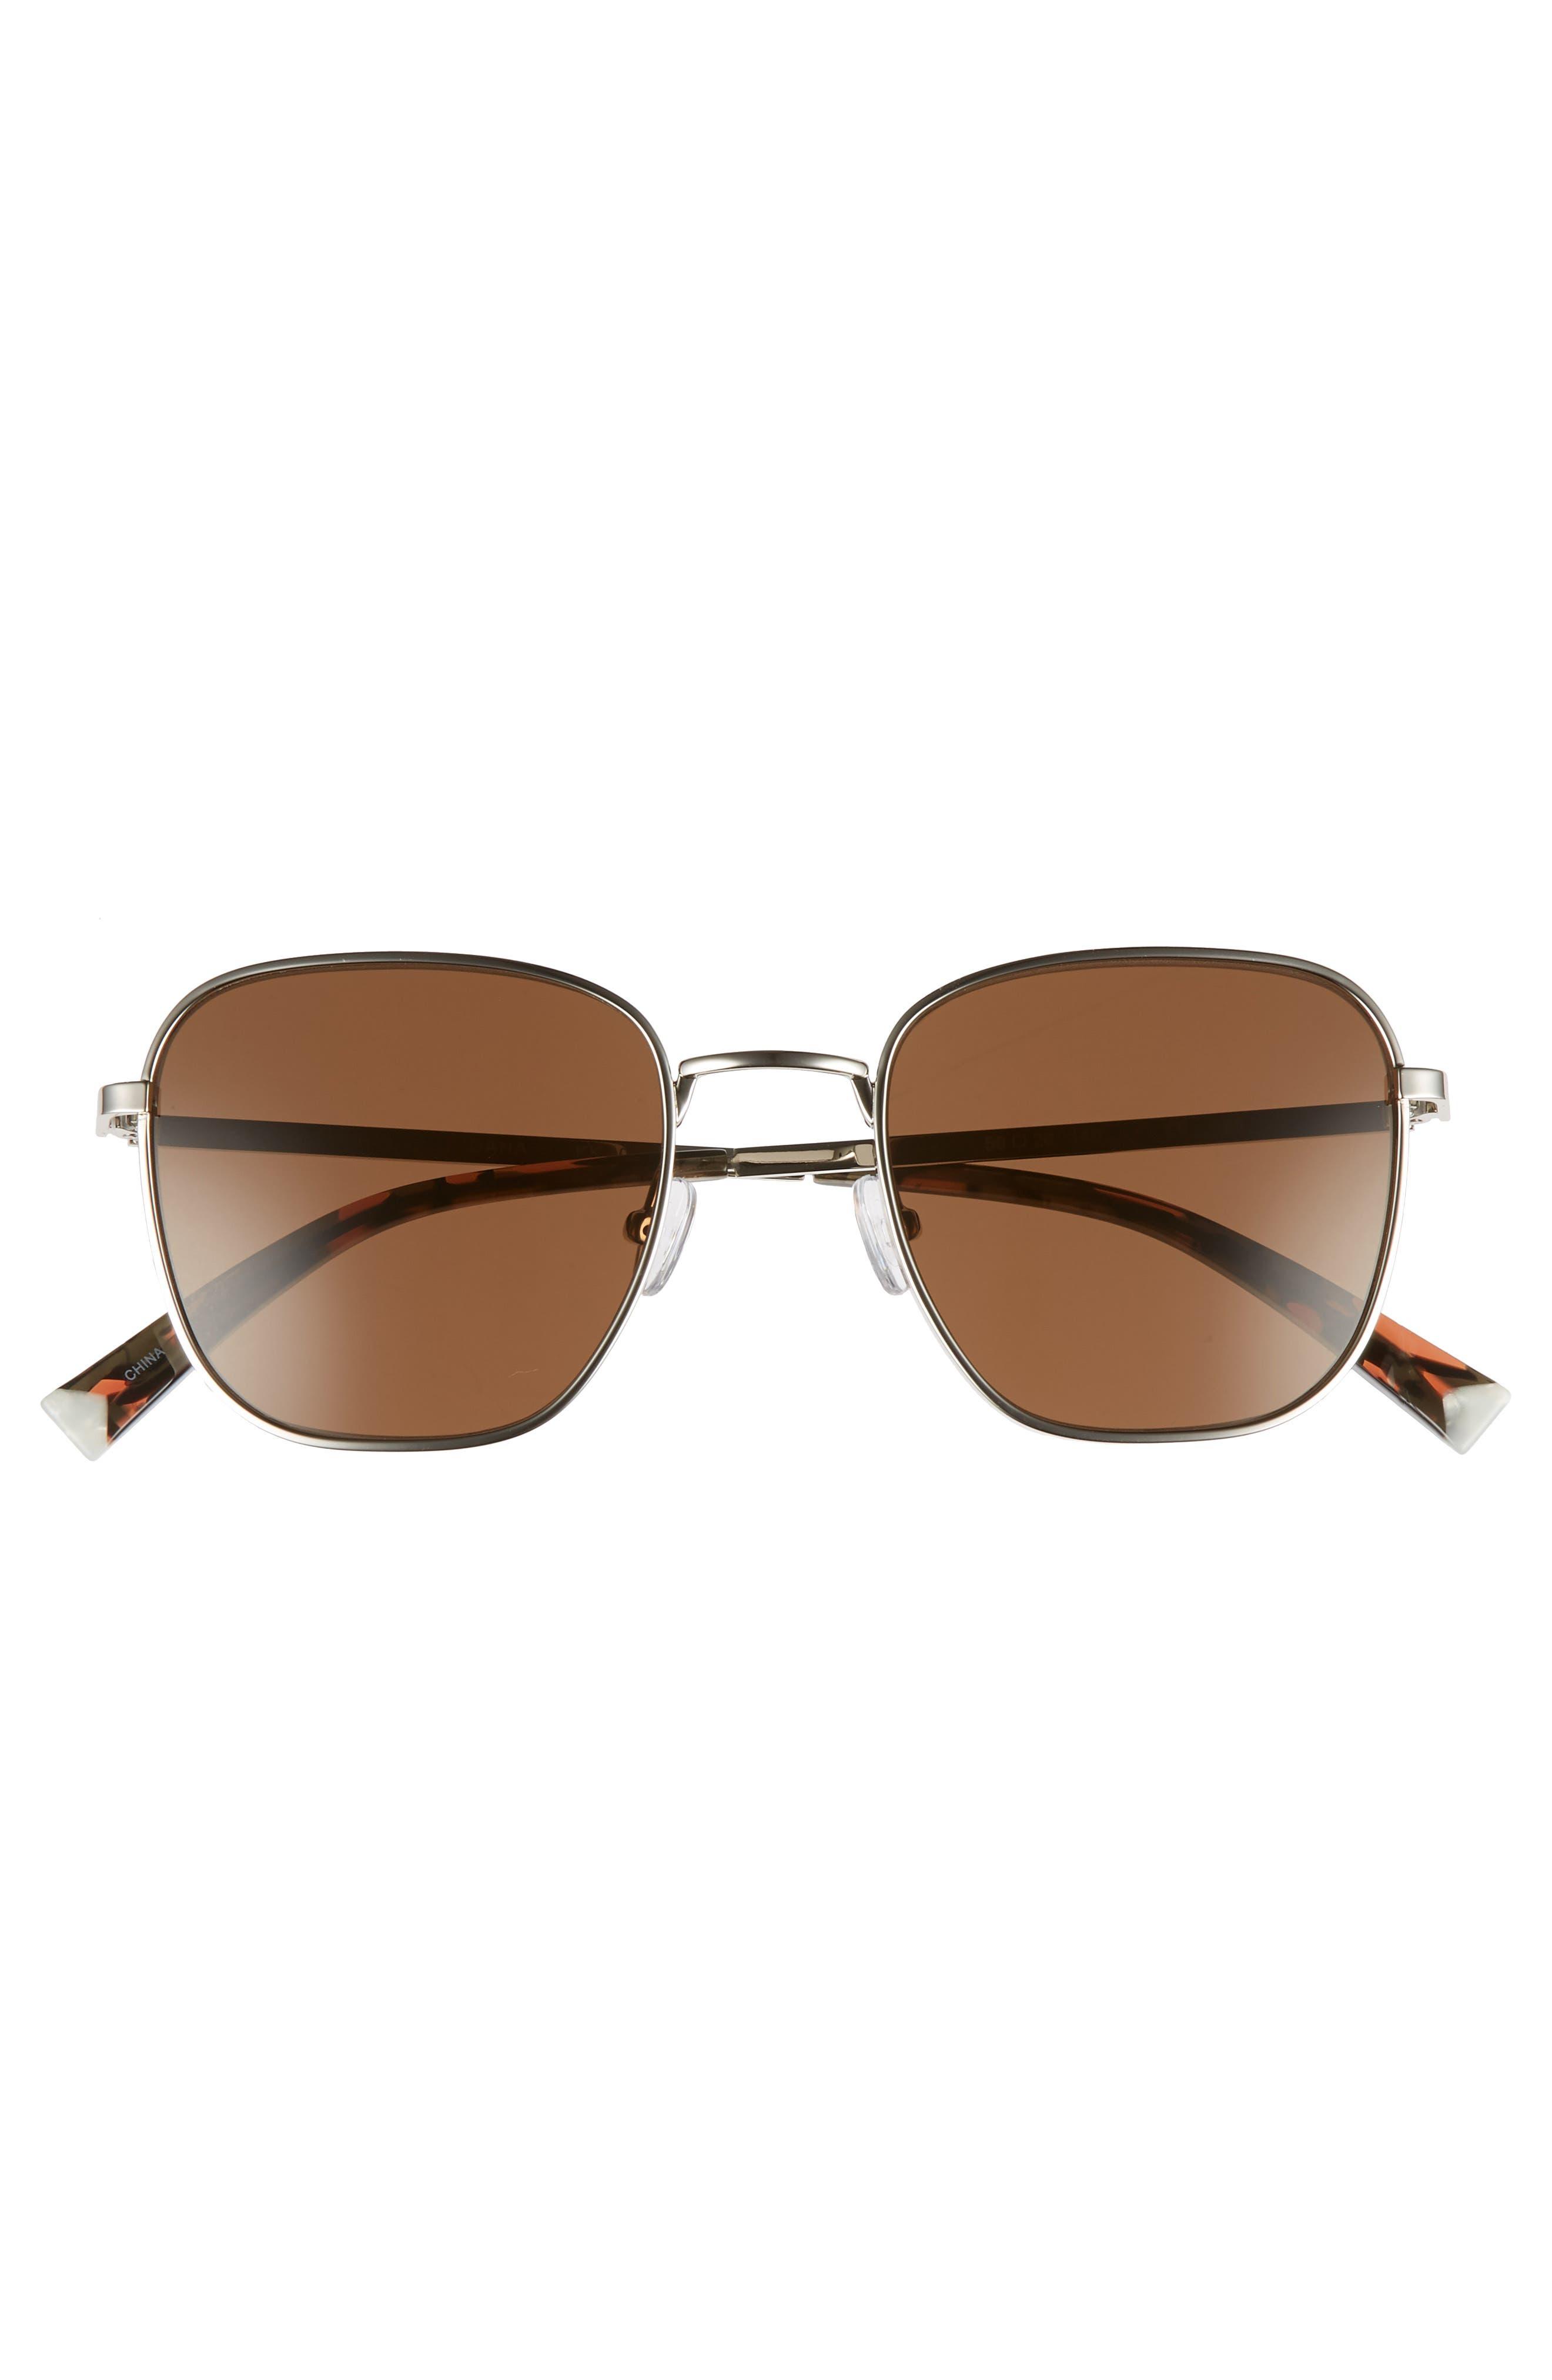 Dana 50mm Square Sunglasses,                             Alternate thumbnail 3, color,                             045